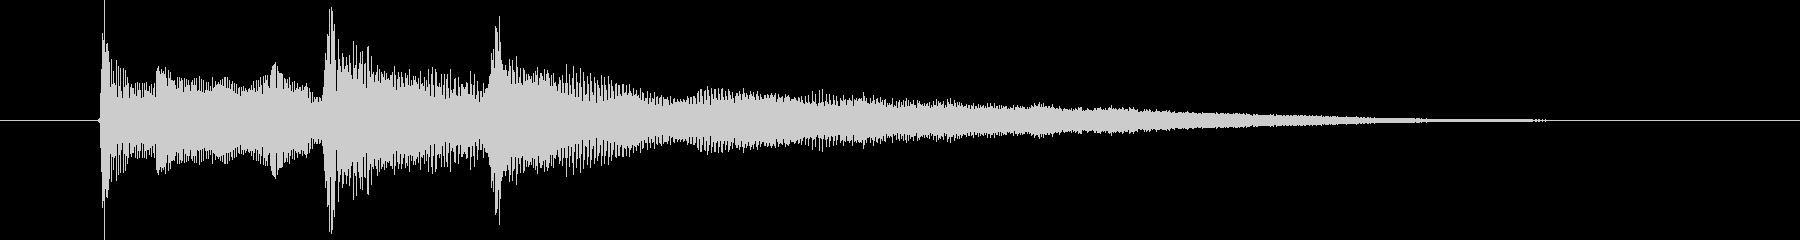 落ち着いたリラクゼーション音楽の未再生の波形